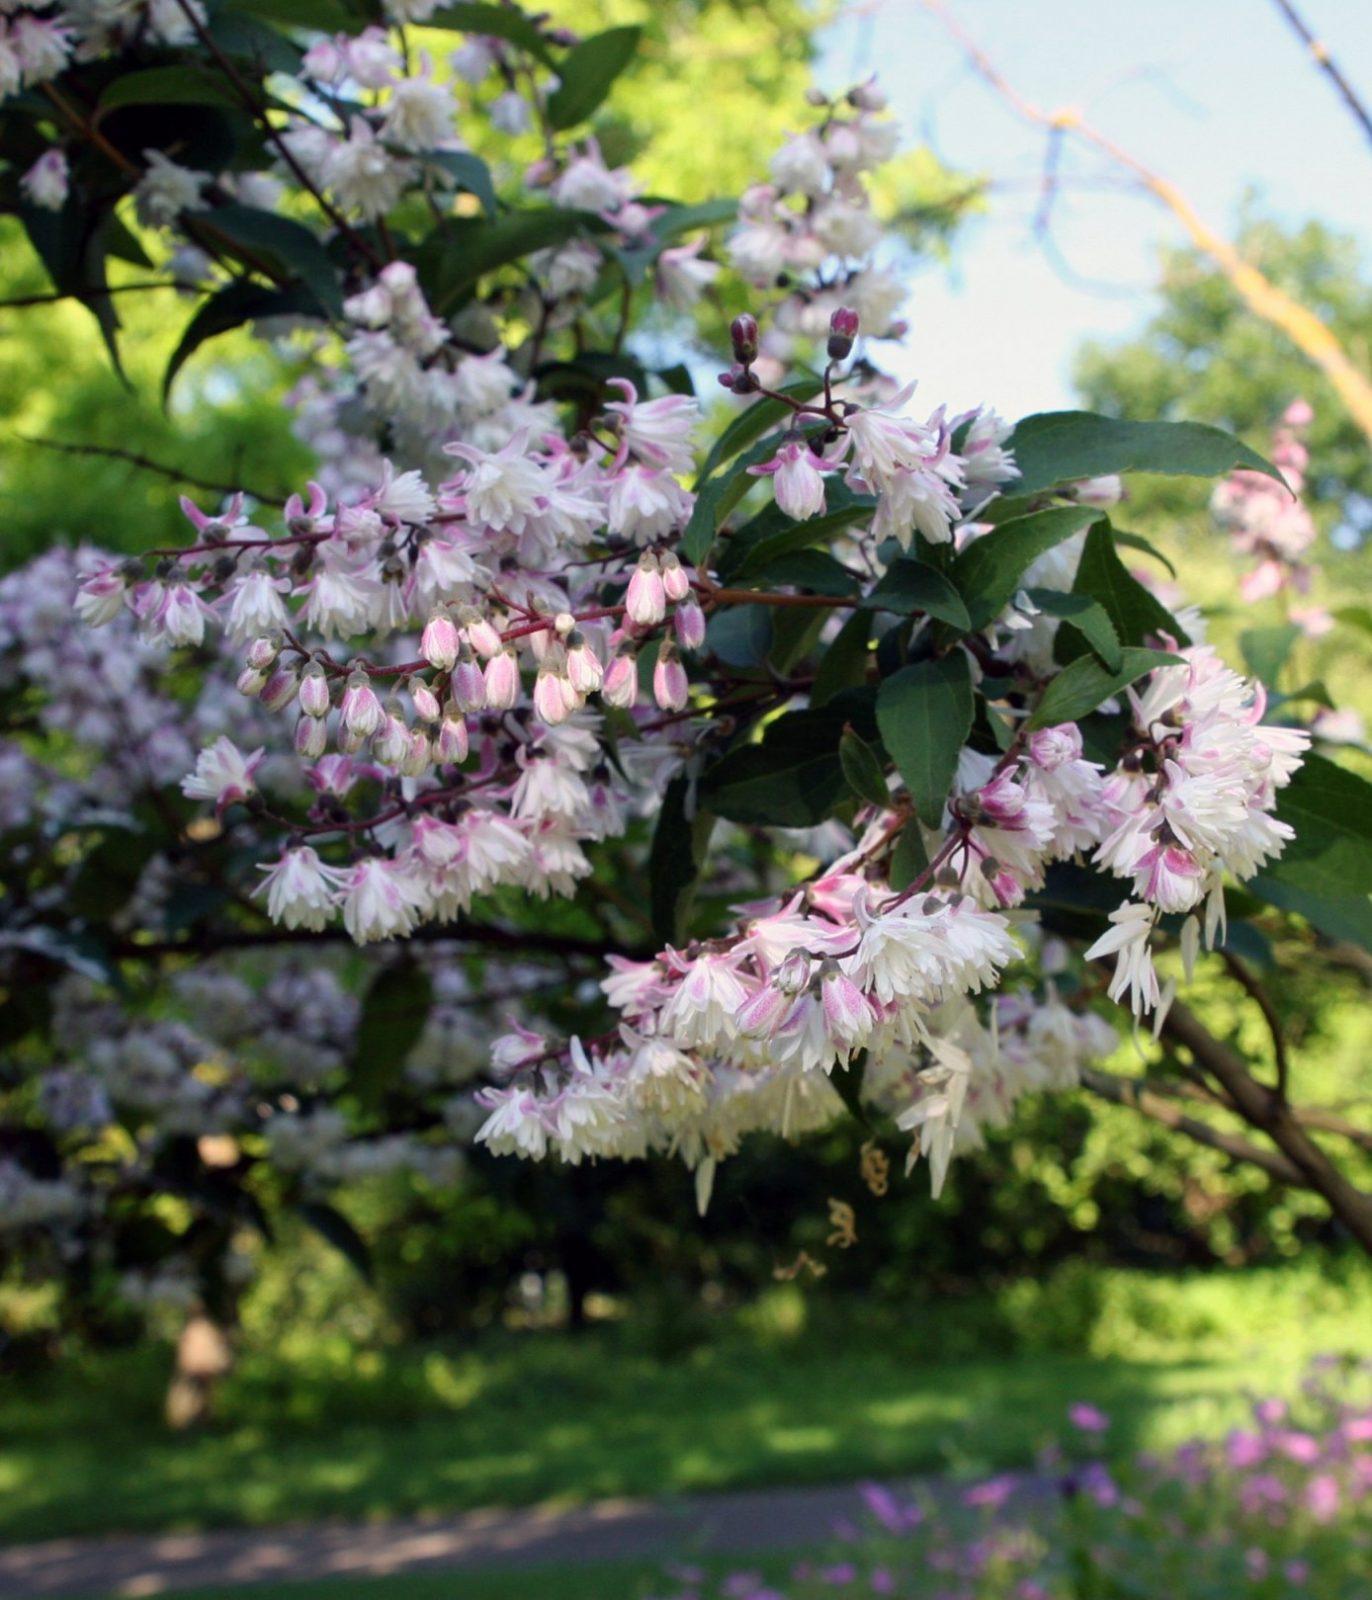 Schnell Wachsende Pflanzen von Schnell Wachsende Bäume Für Kleine Gärten Photo